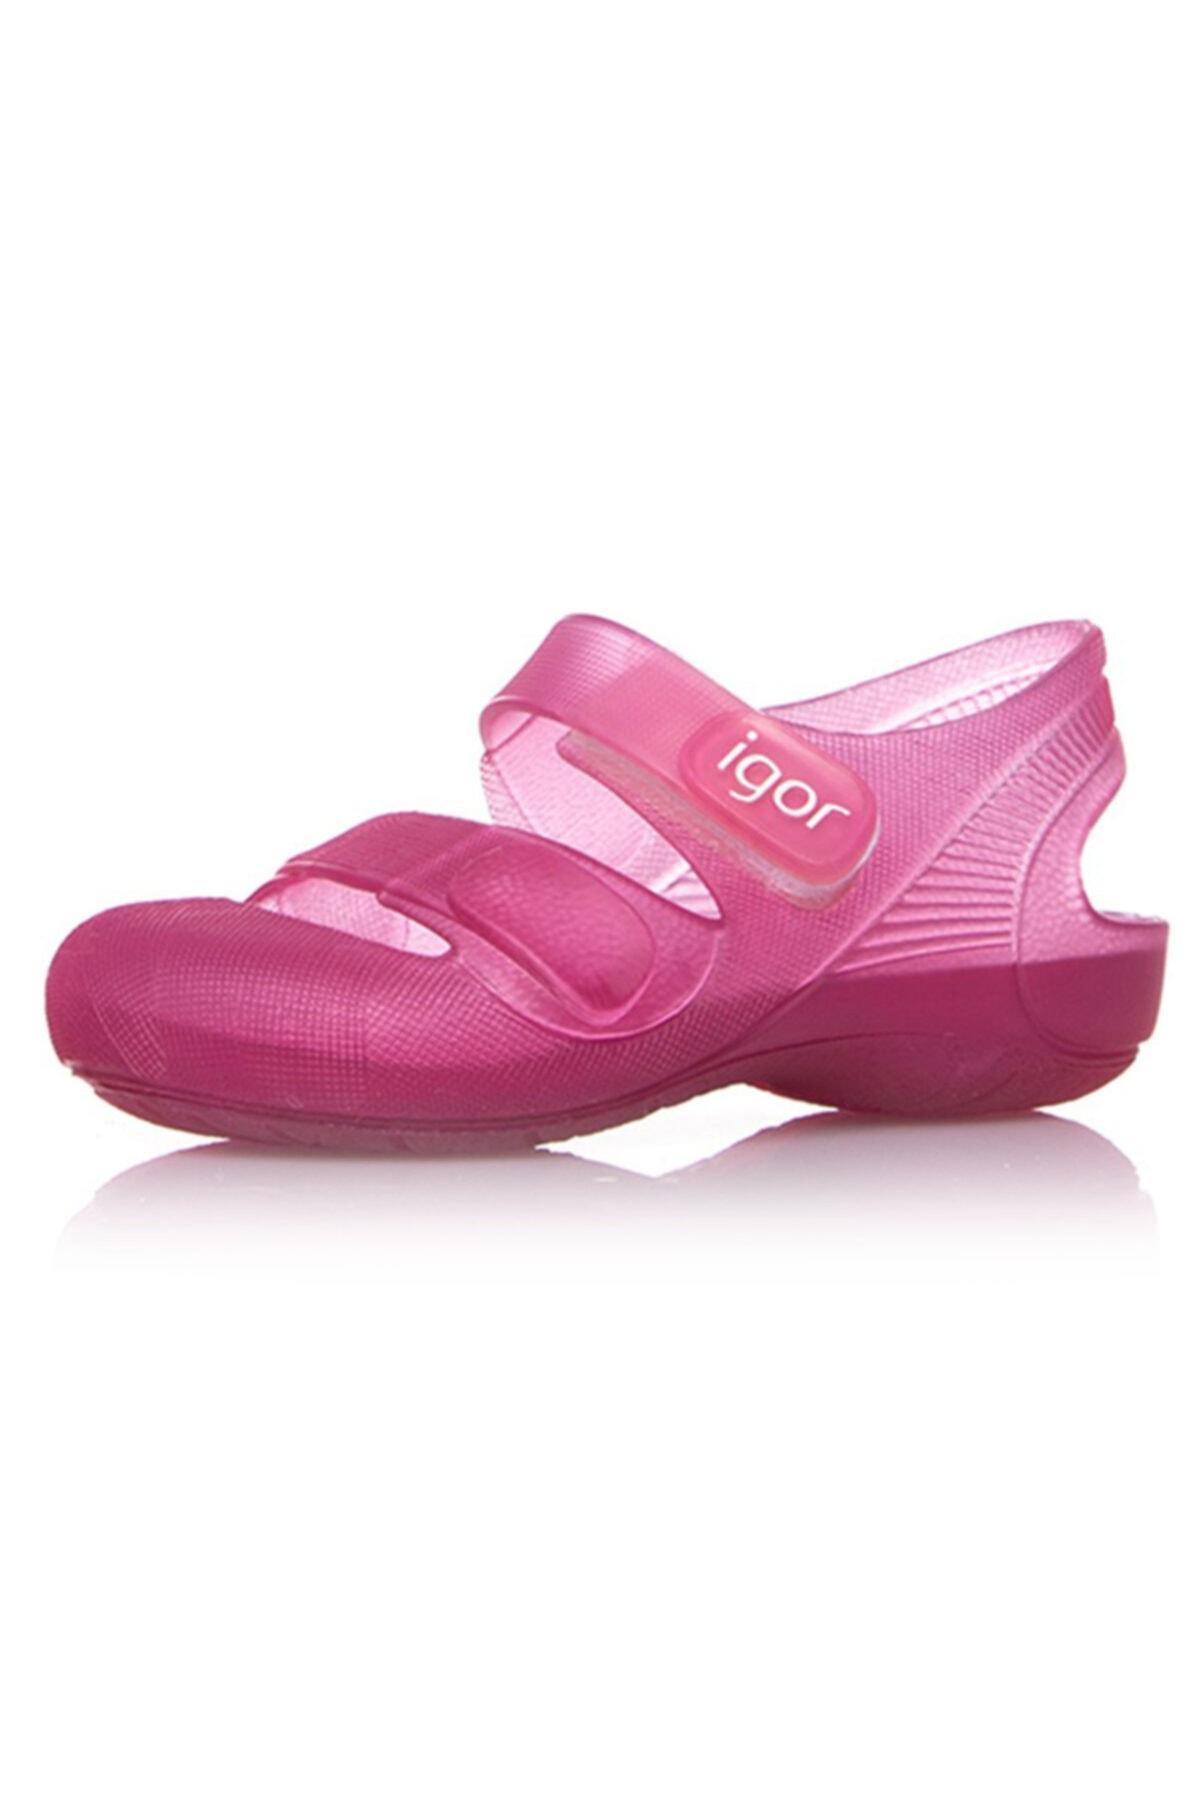 IGOR S10110-E67 Fuşya Kız Çocuk Sandalet 100293758 2